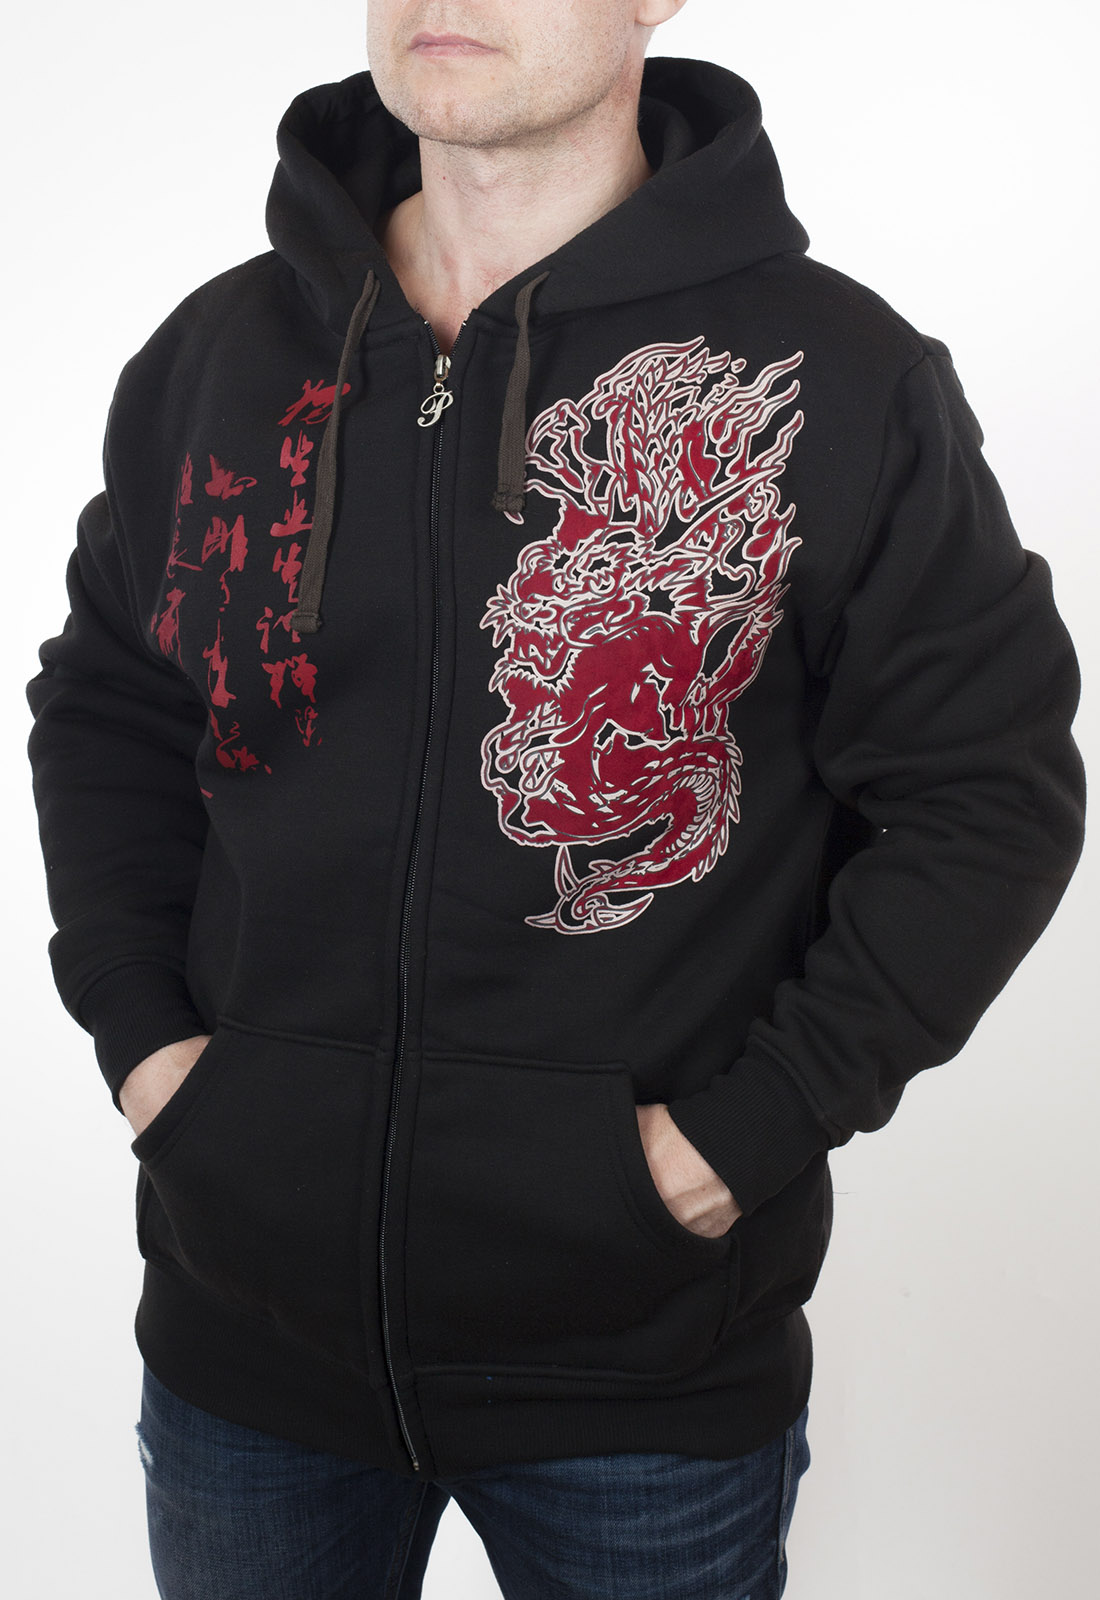 Магазин мужской одежды «Куб» предлагает довольно широкий ассортимент  товаров. Все представленные модели соответствуют актуальным течениям в  современной моде ... 314dfbc7551